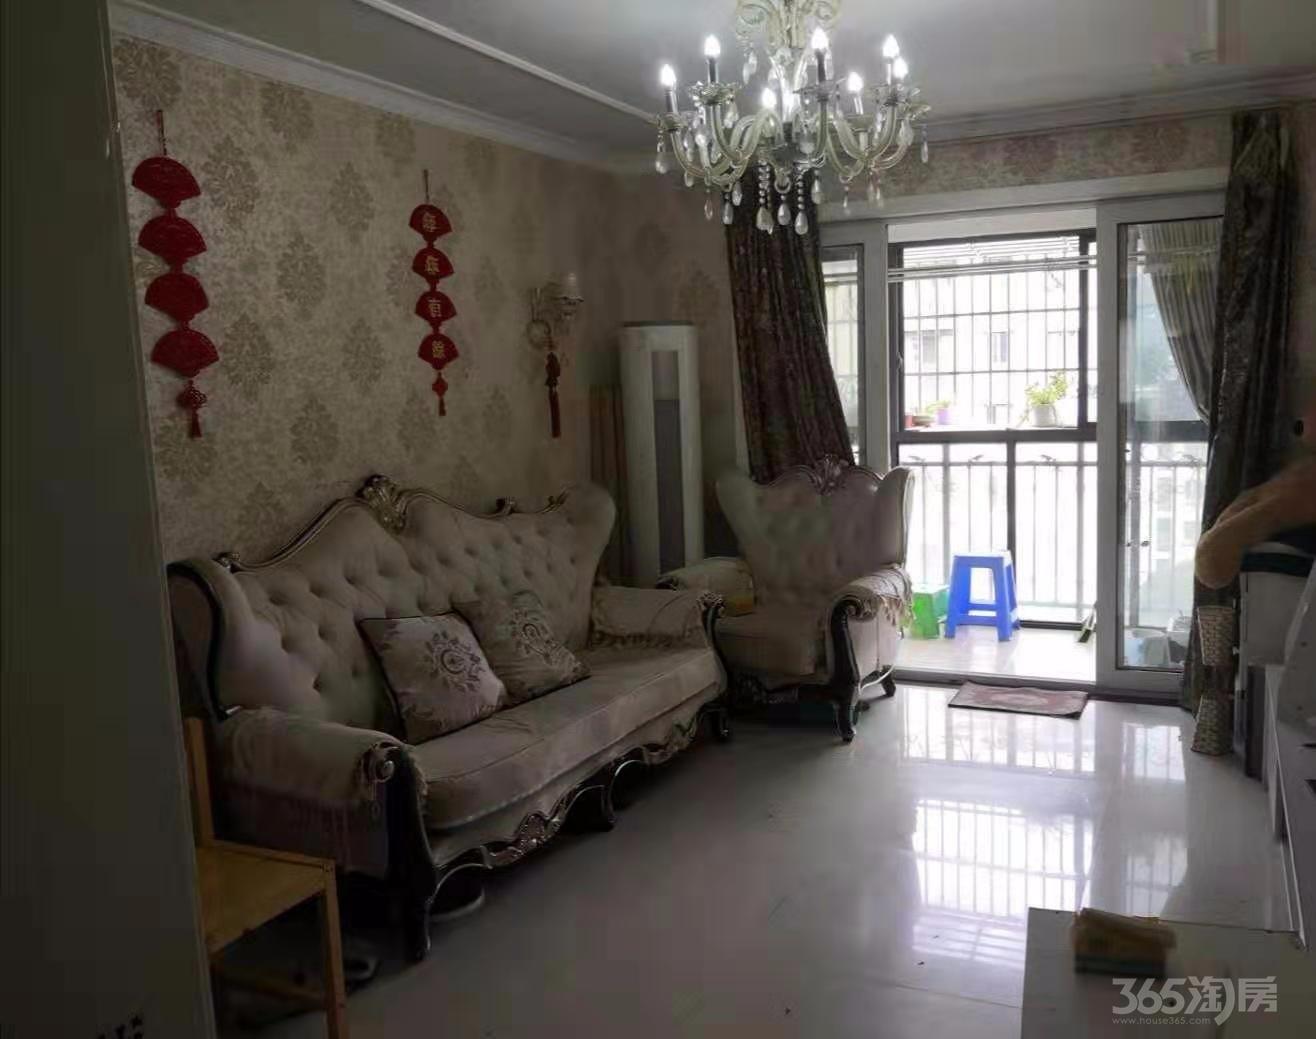 浦口区高新苏宁天华绿谷庄园3室2厅户型图